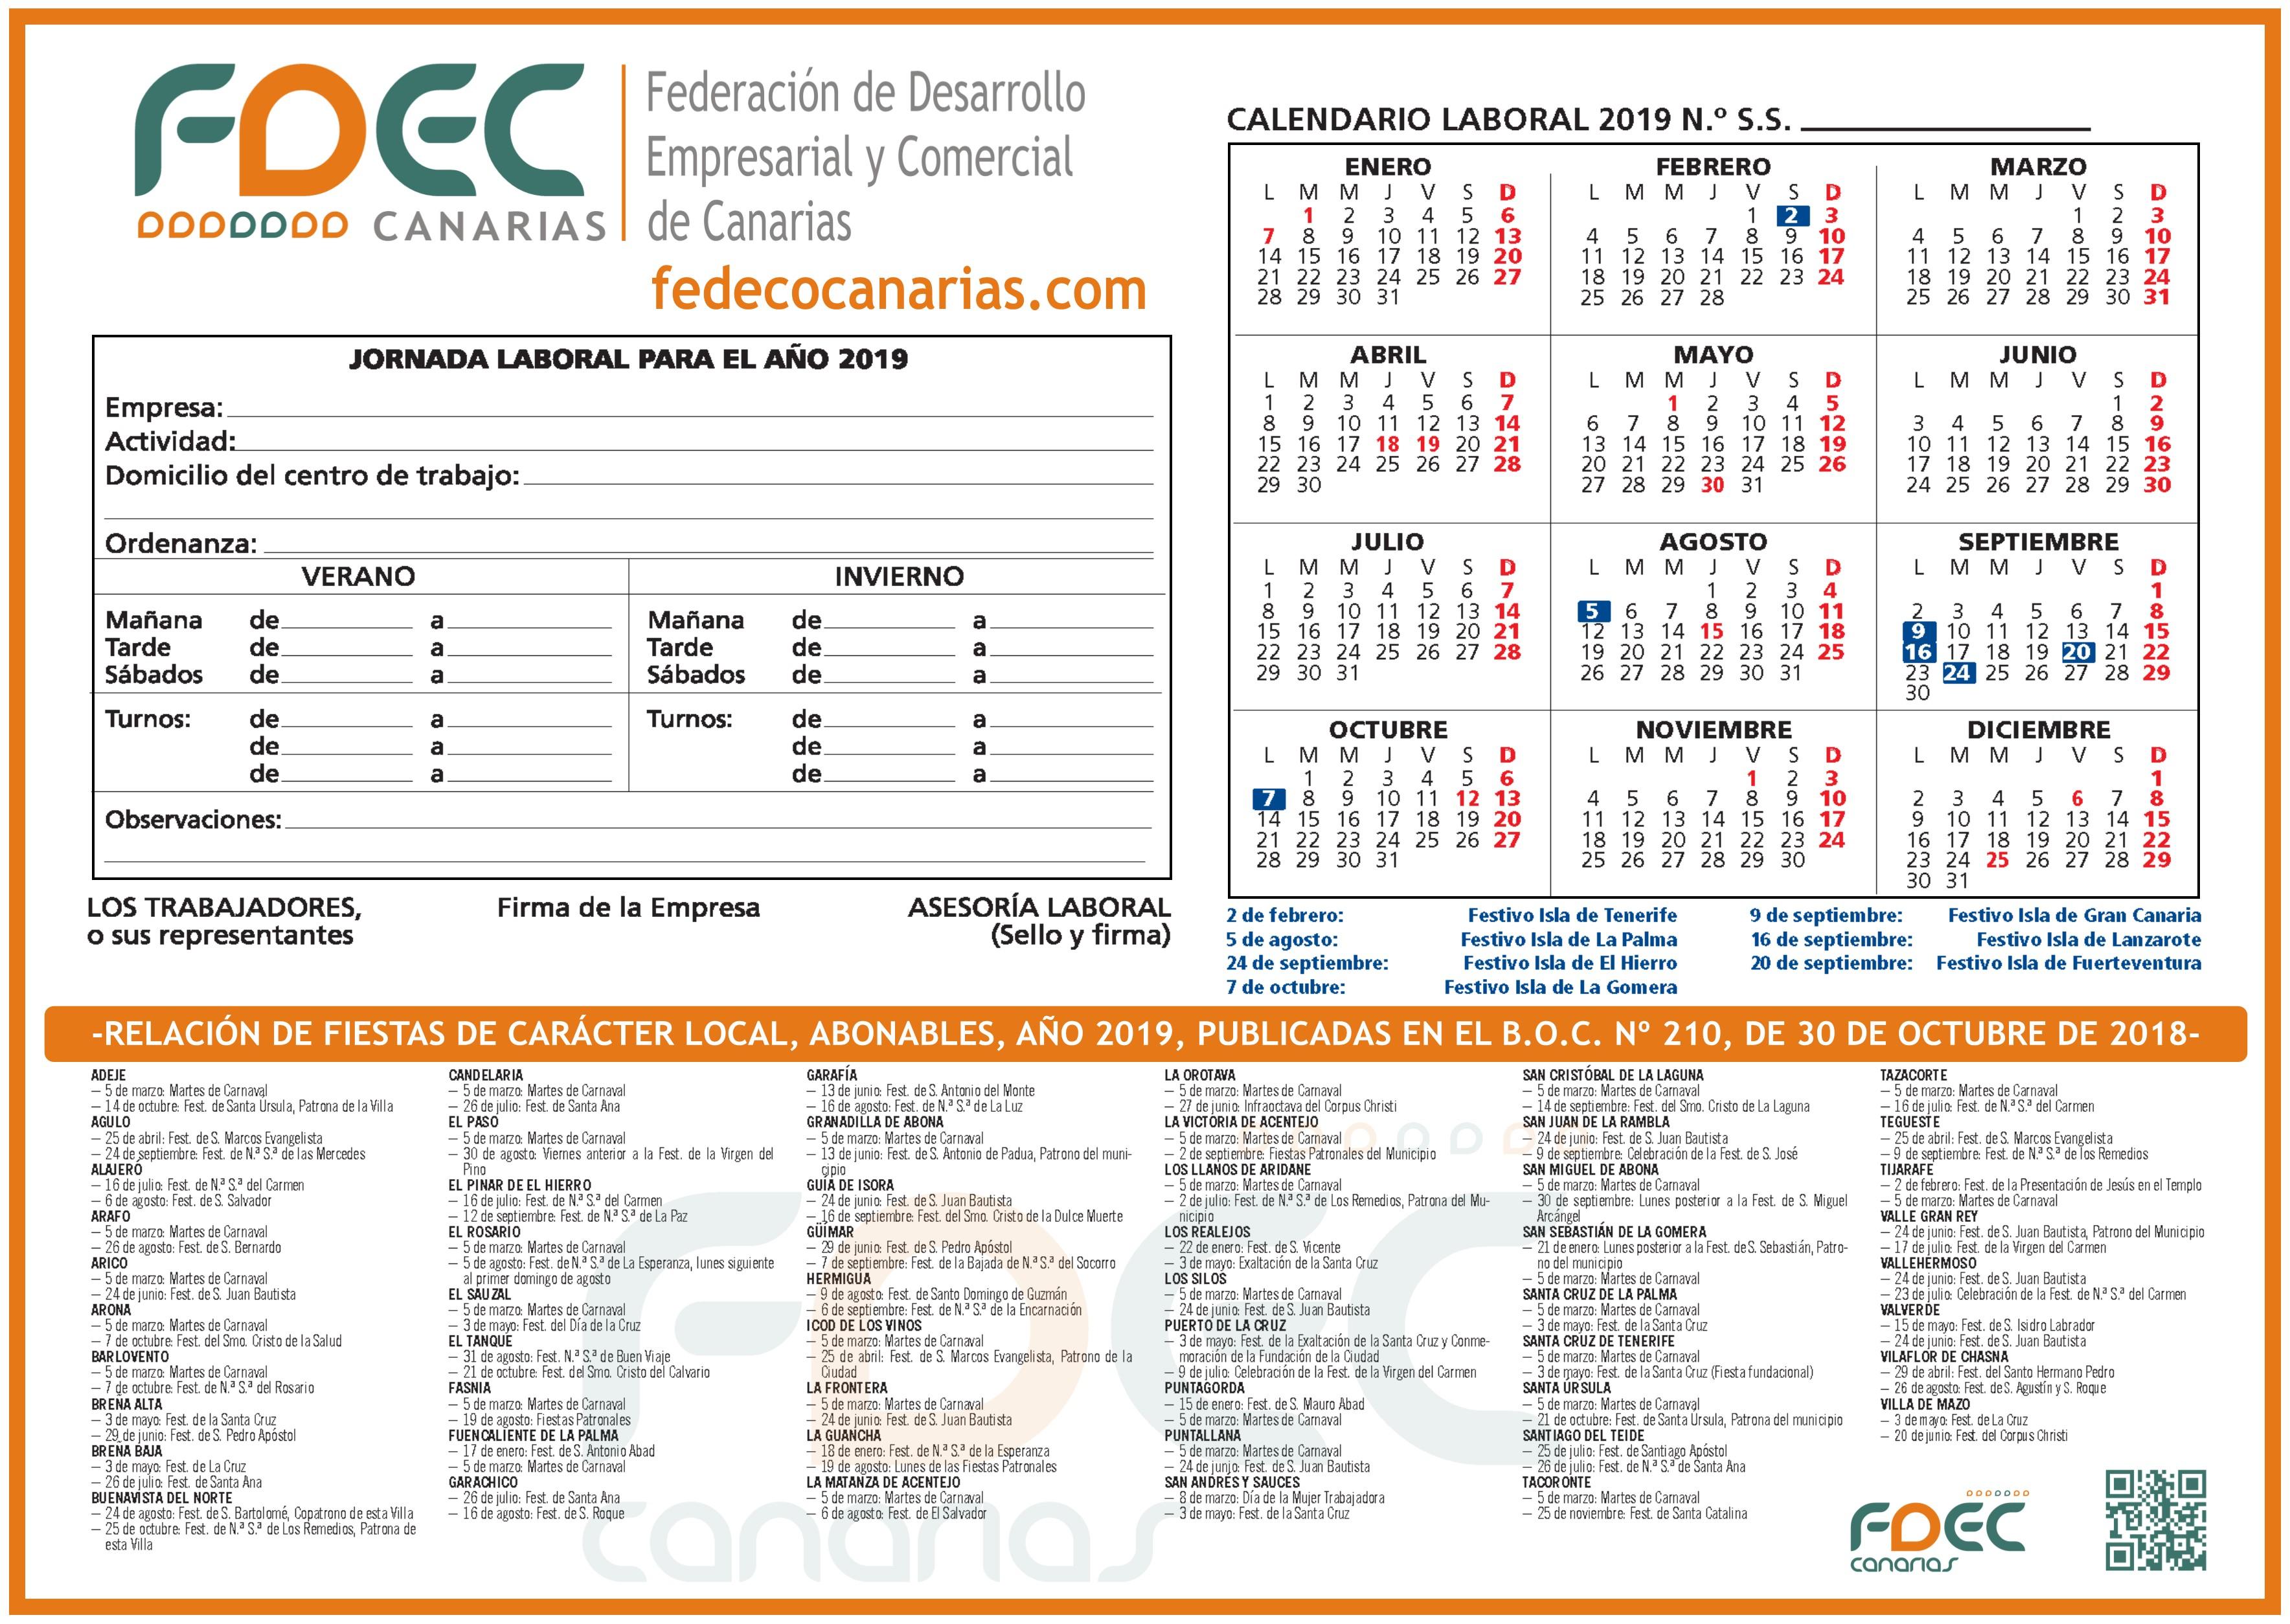 Calendario Laboral FDEC -TENERIFE 2019